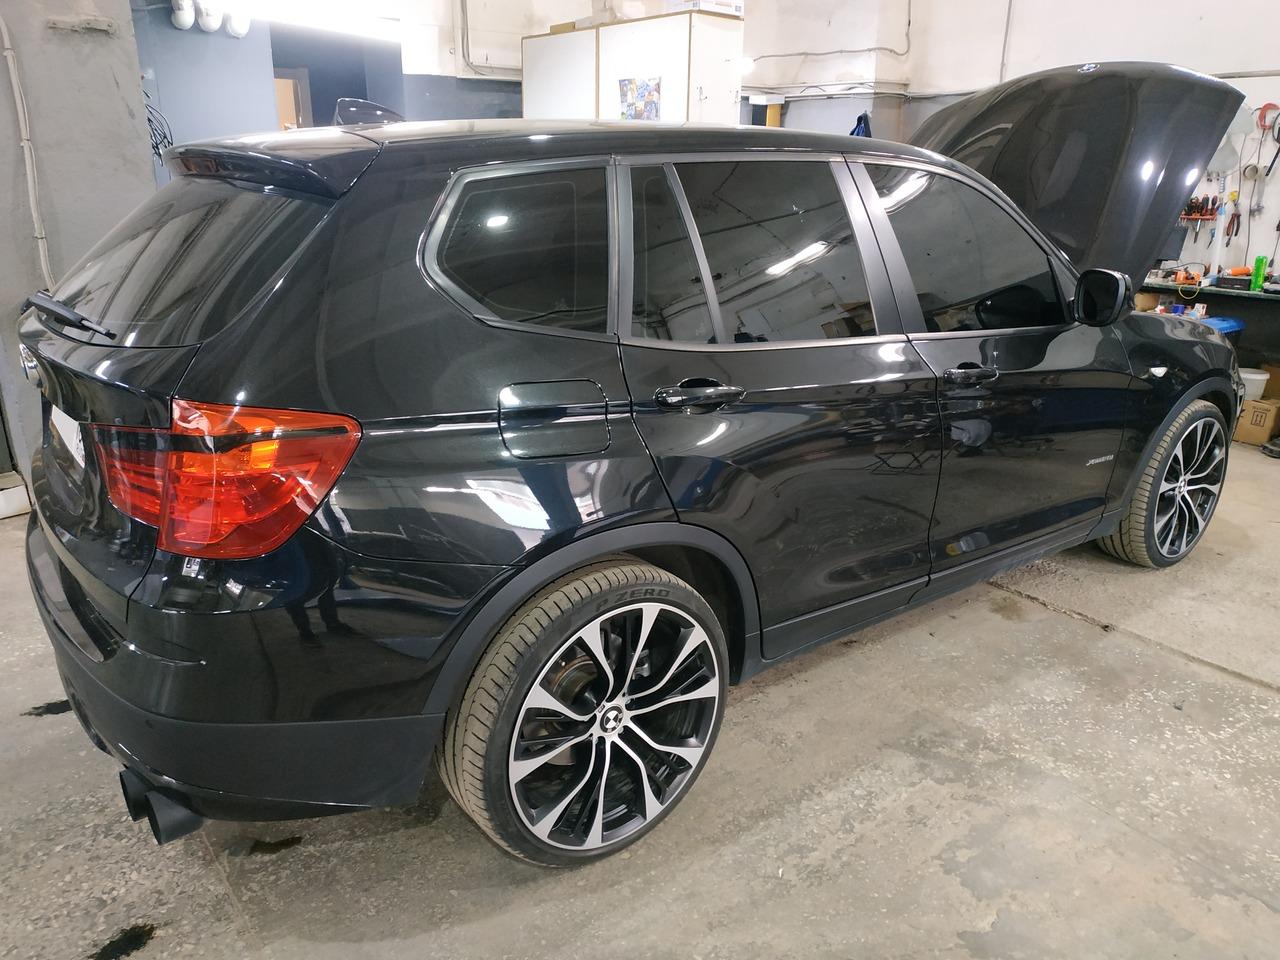 BMW X3 F25 28iX 2012, вид сзади сбоку